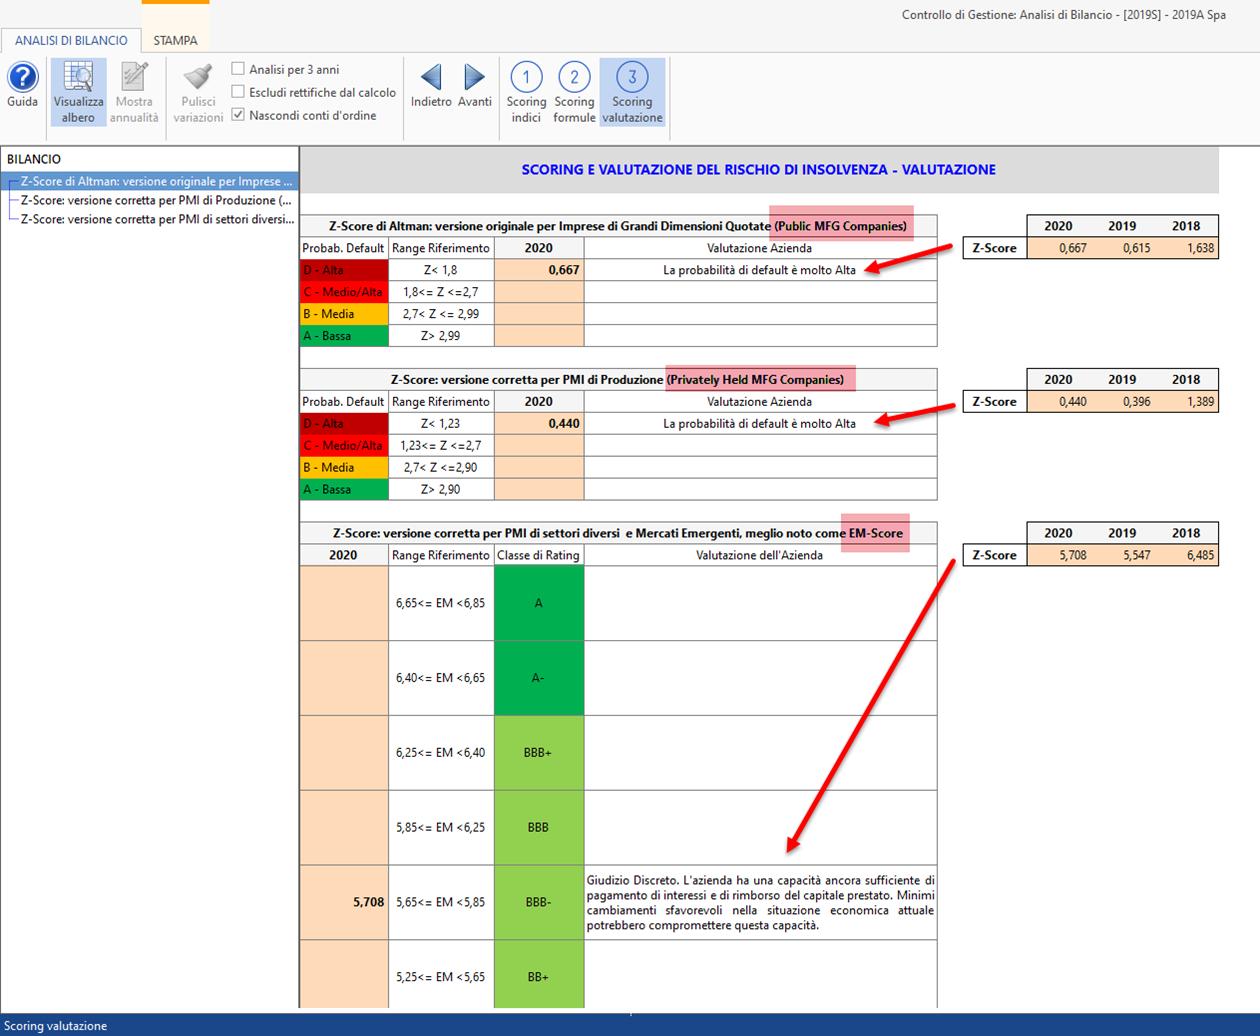 Controllo di Gestione: disponibile Analisi di Bilancio Sintetica - Sezione scoring